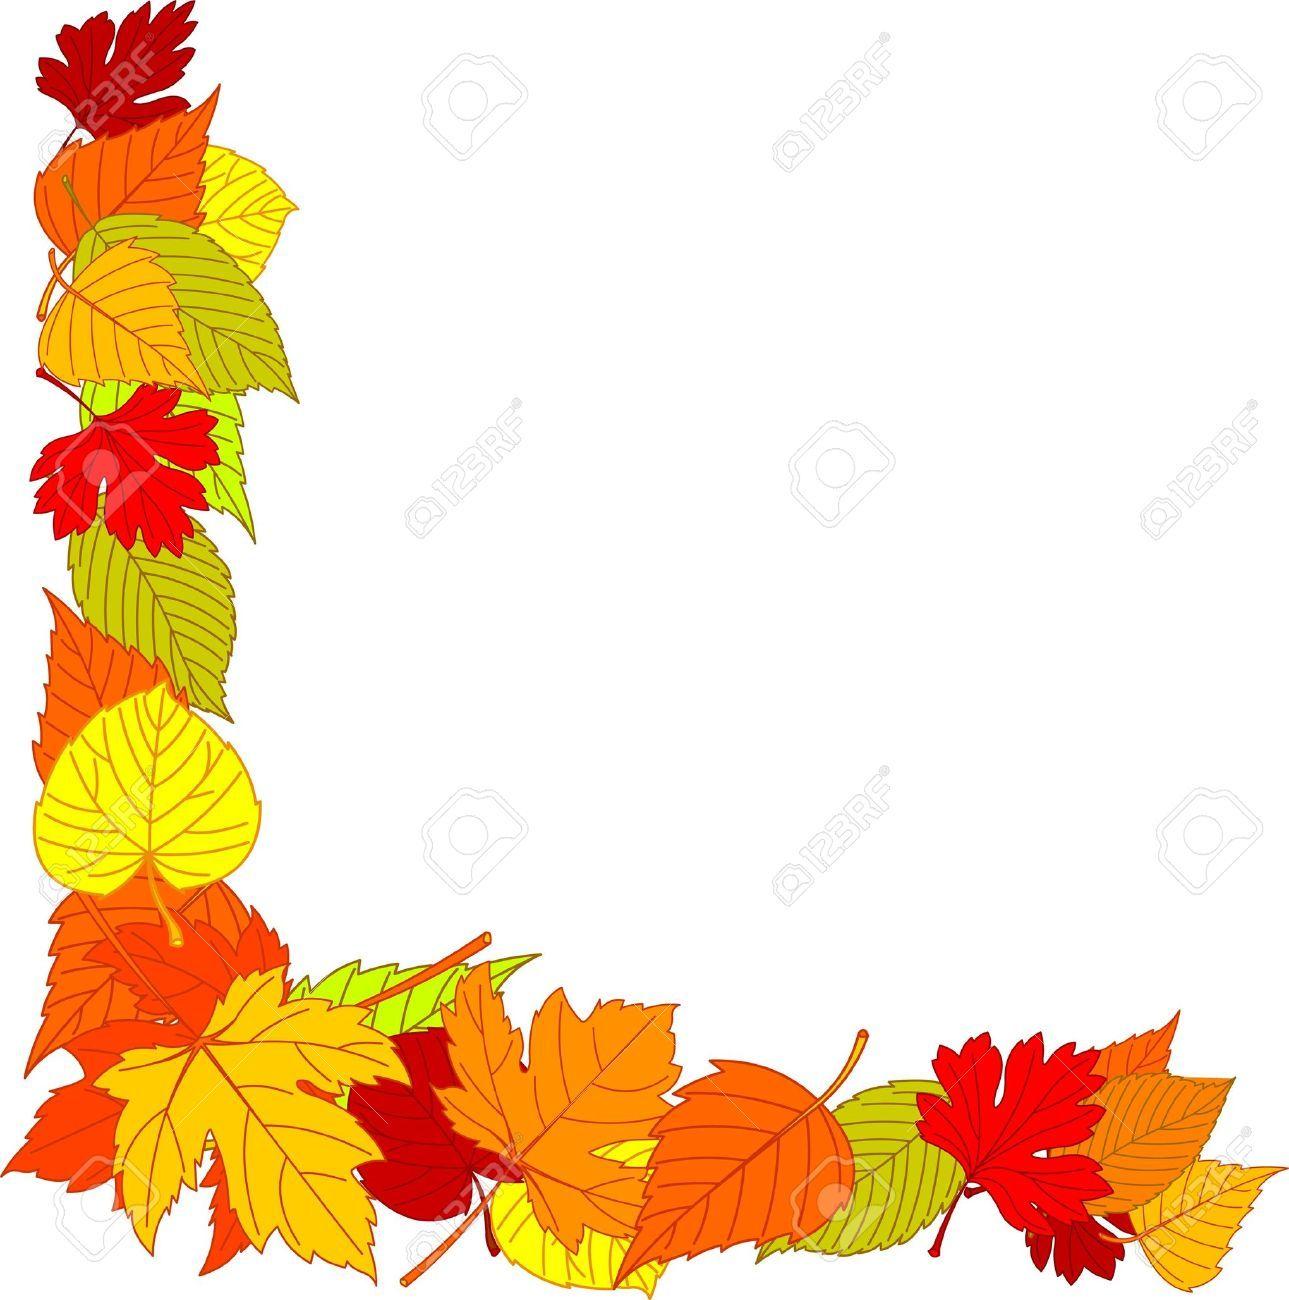 Image Result For Fall Leaf Border Png Clip Art Borders Fall Clip Art Clip Art